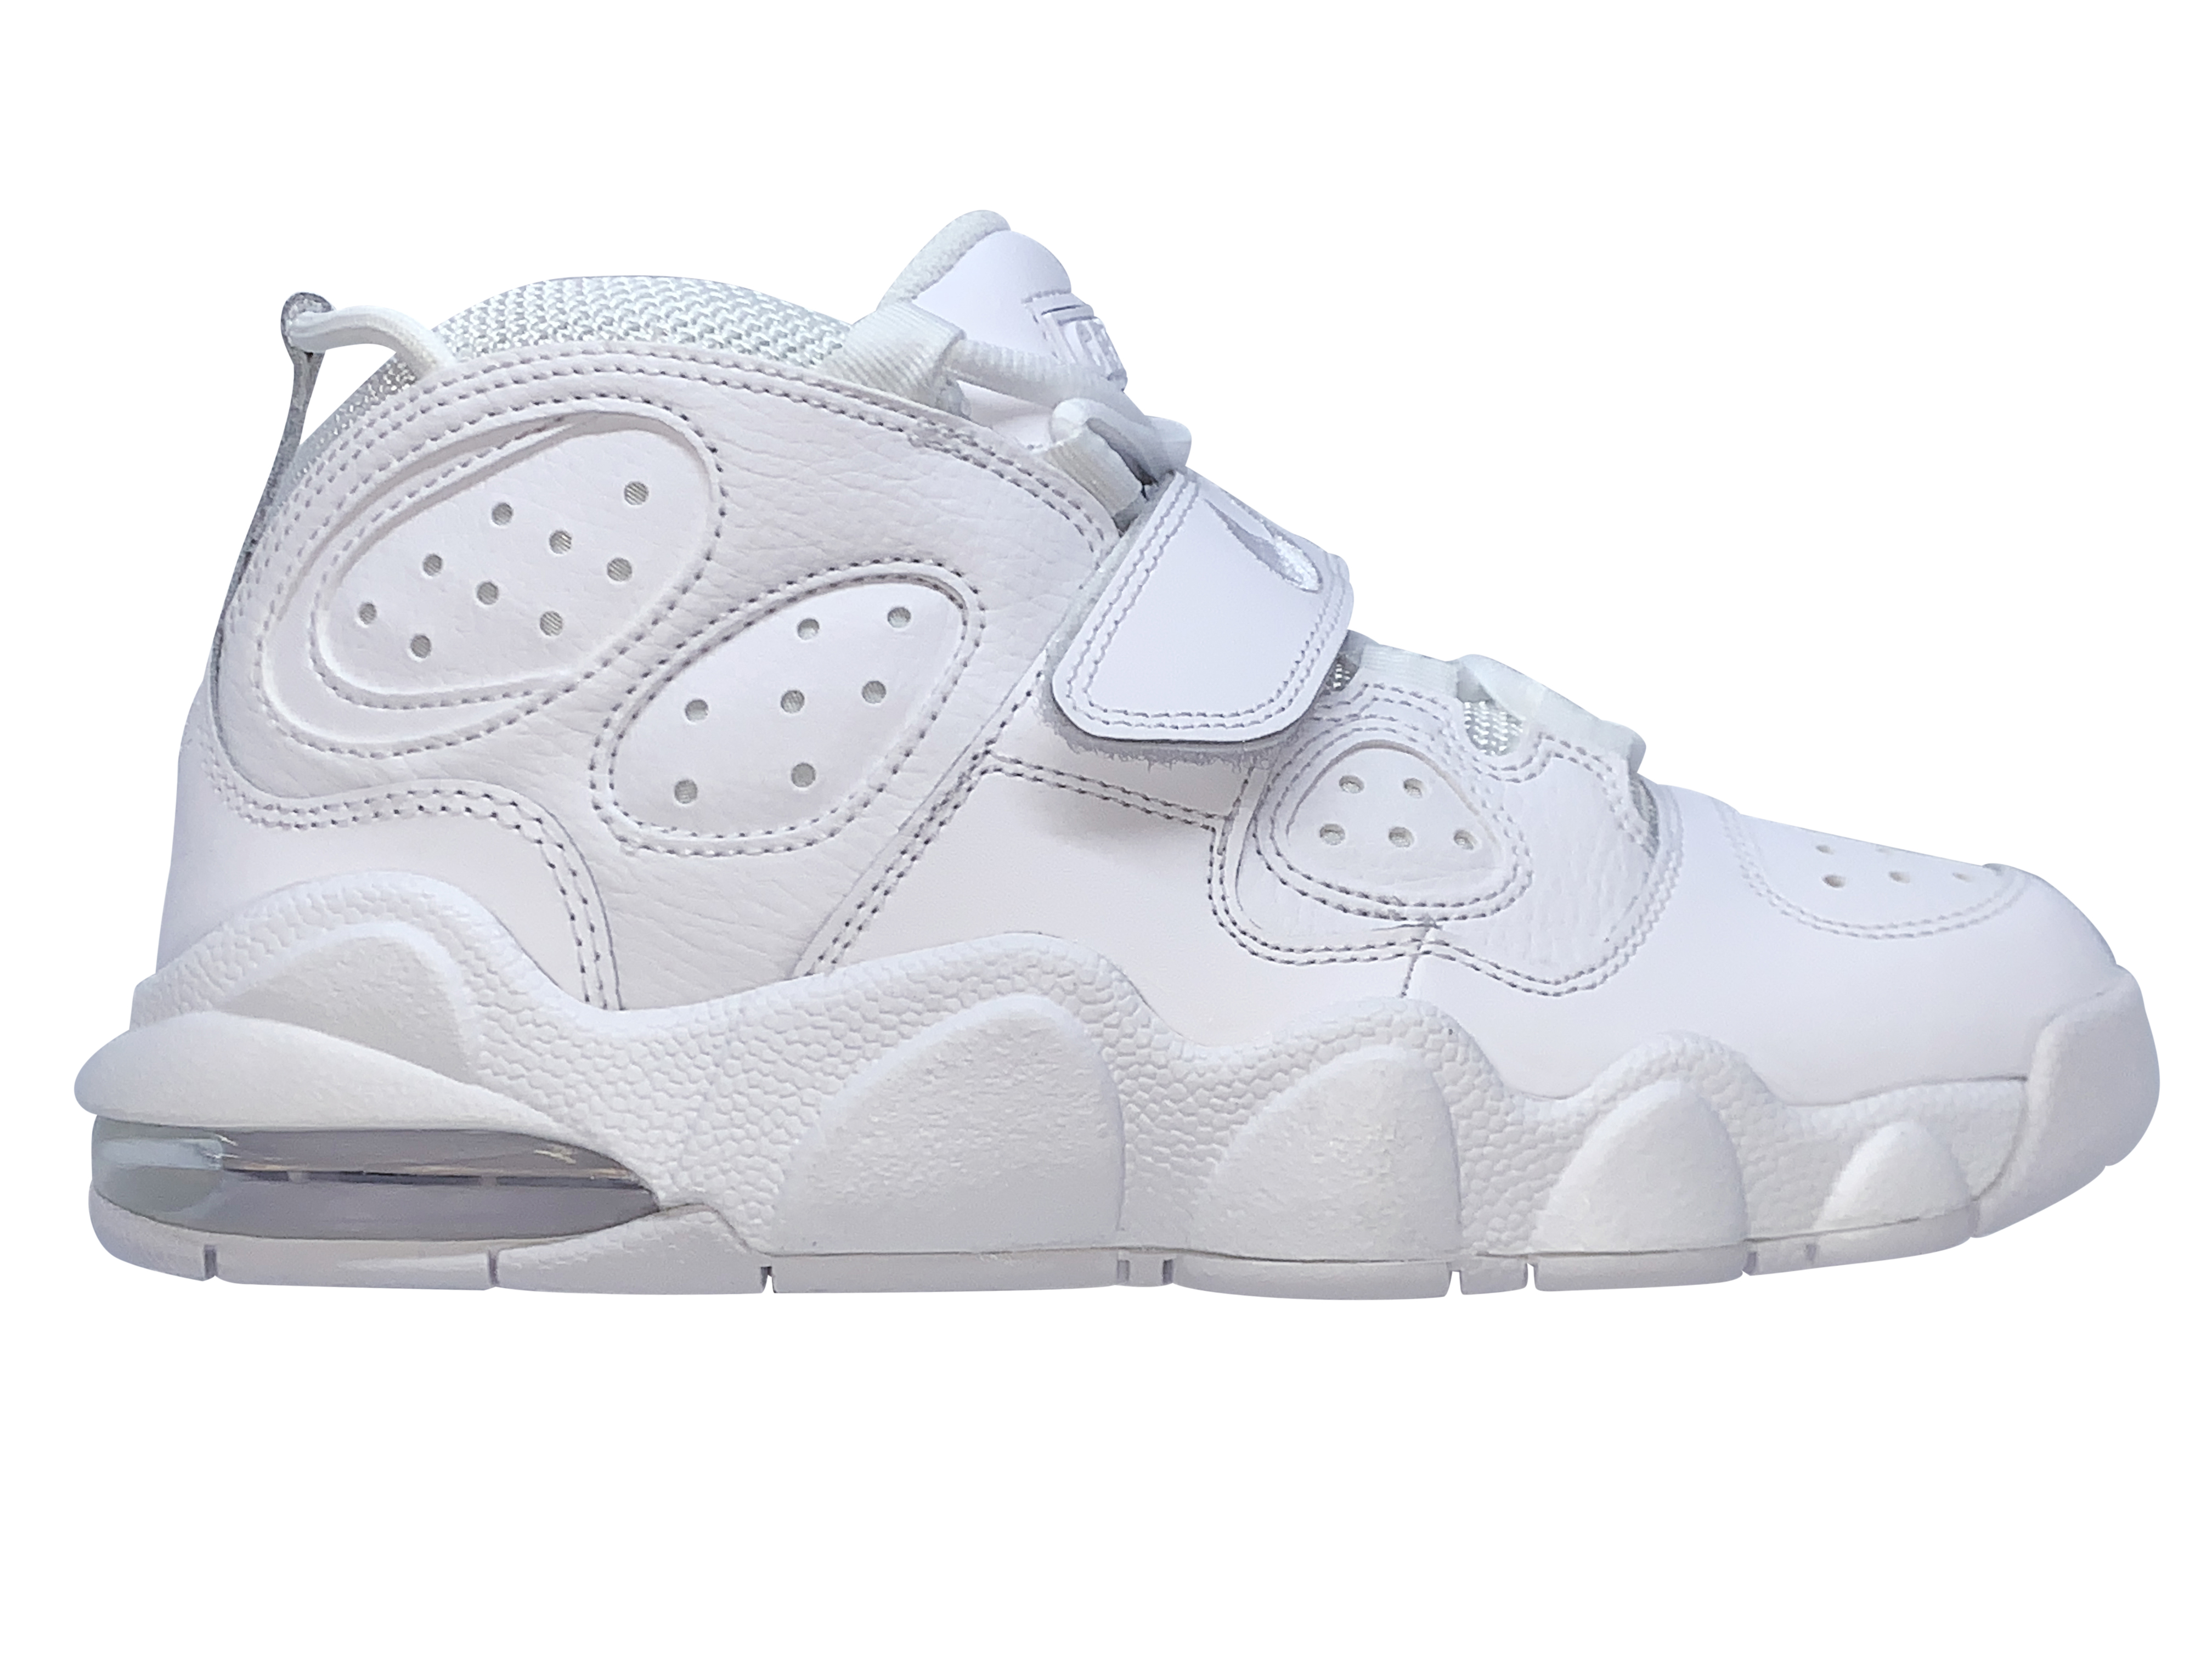 Nike Air Cb 34 White/White - 316940-100